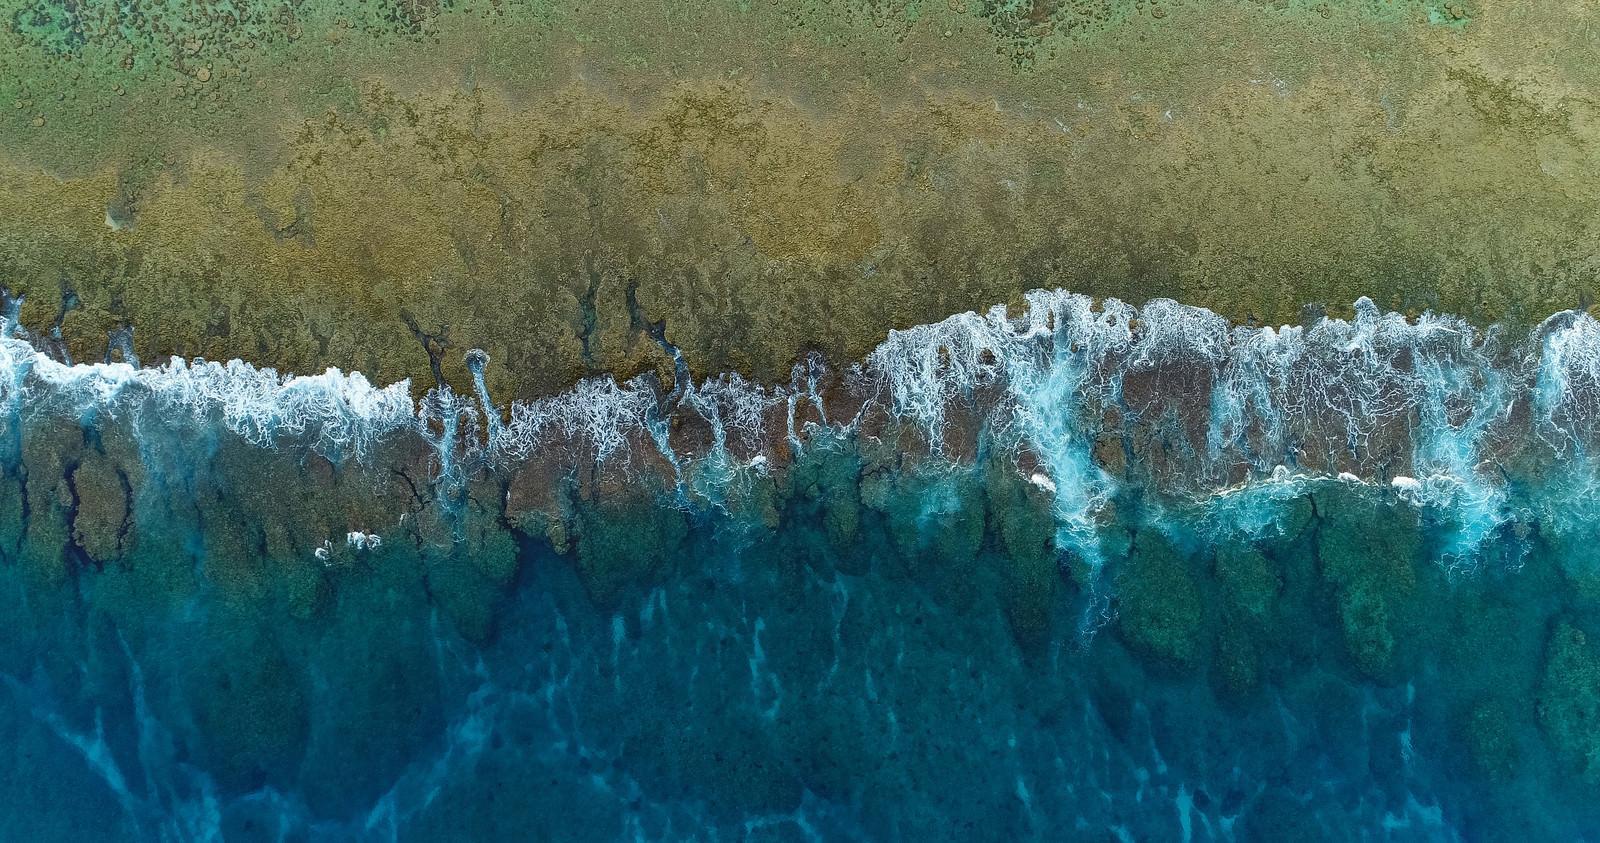 「徳之島の珊瑚礁に囲まれた透明感ある海と波(空撮)」の写真